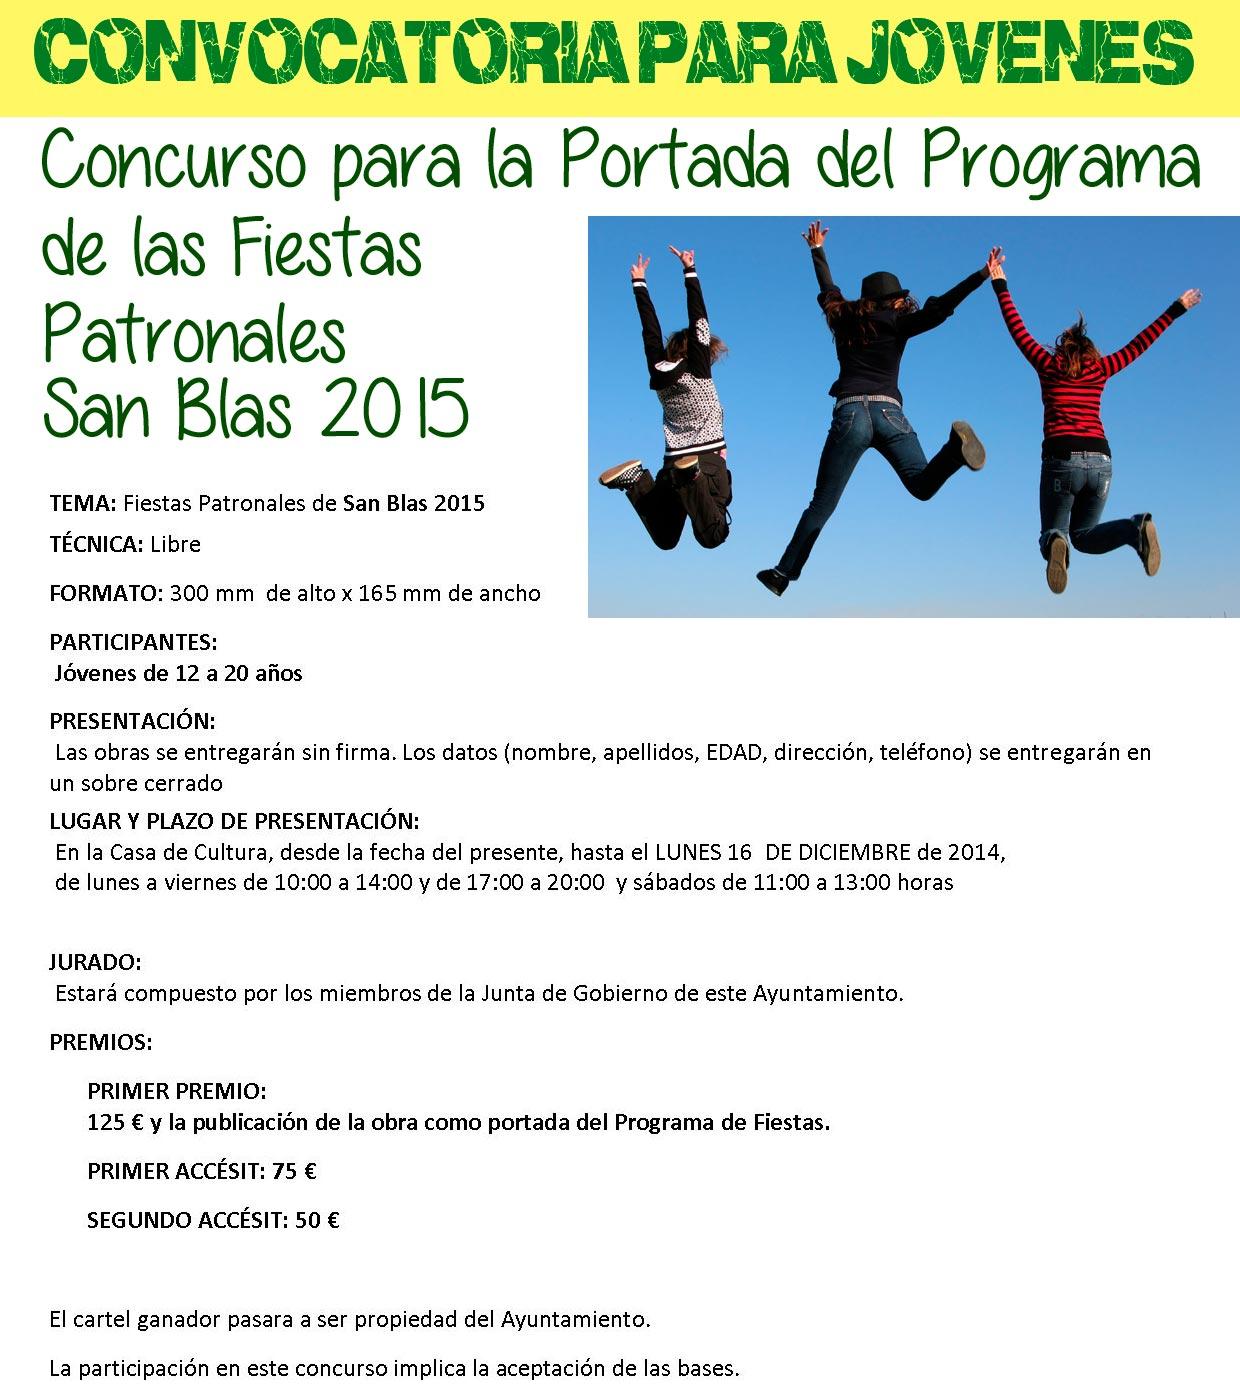 Concurso Portada Programa fiestas San Blas